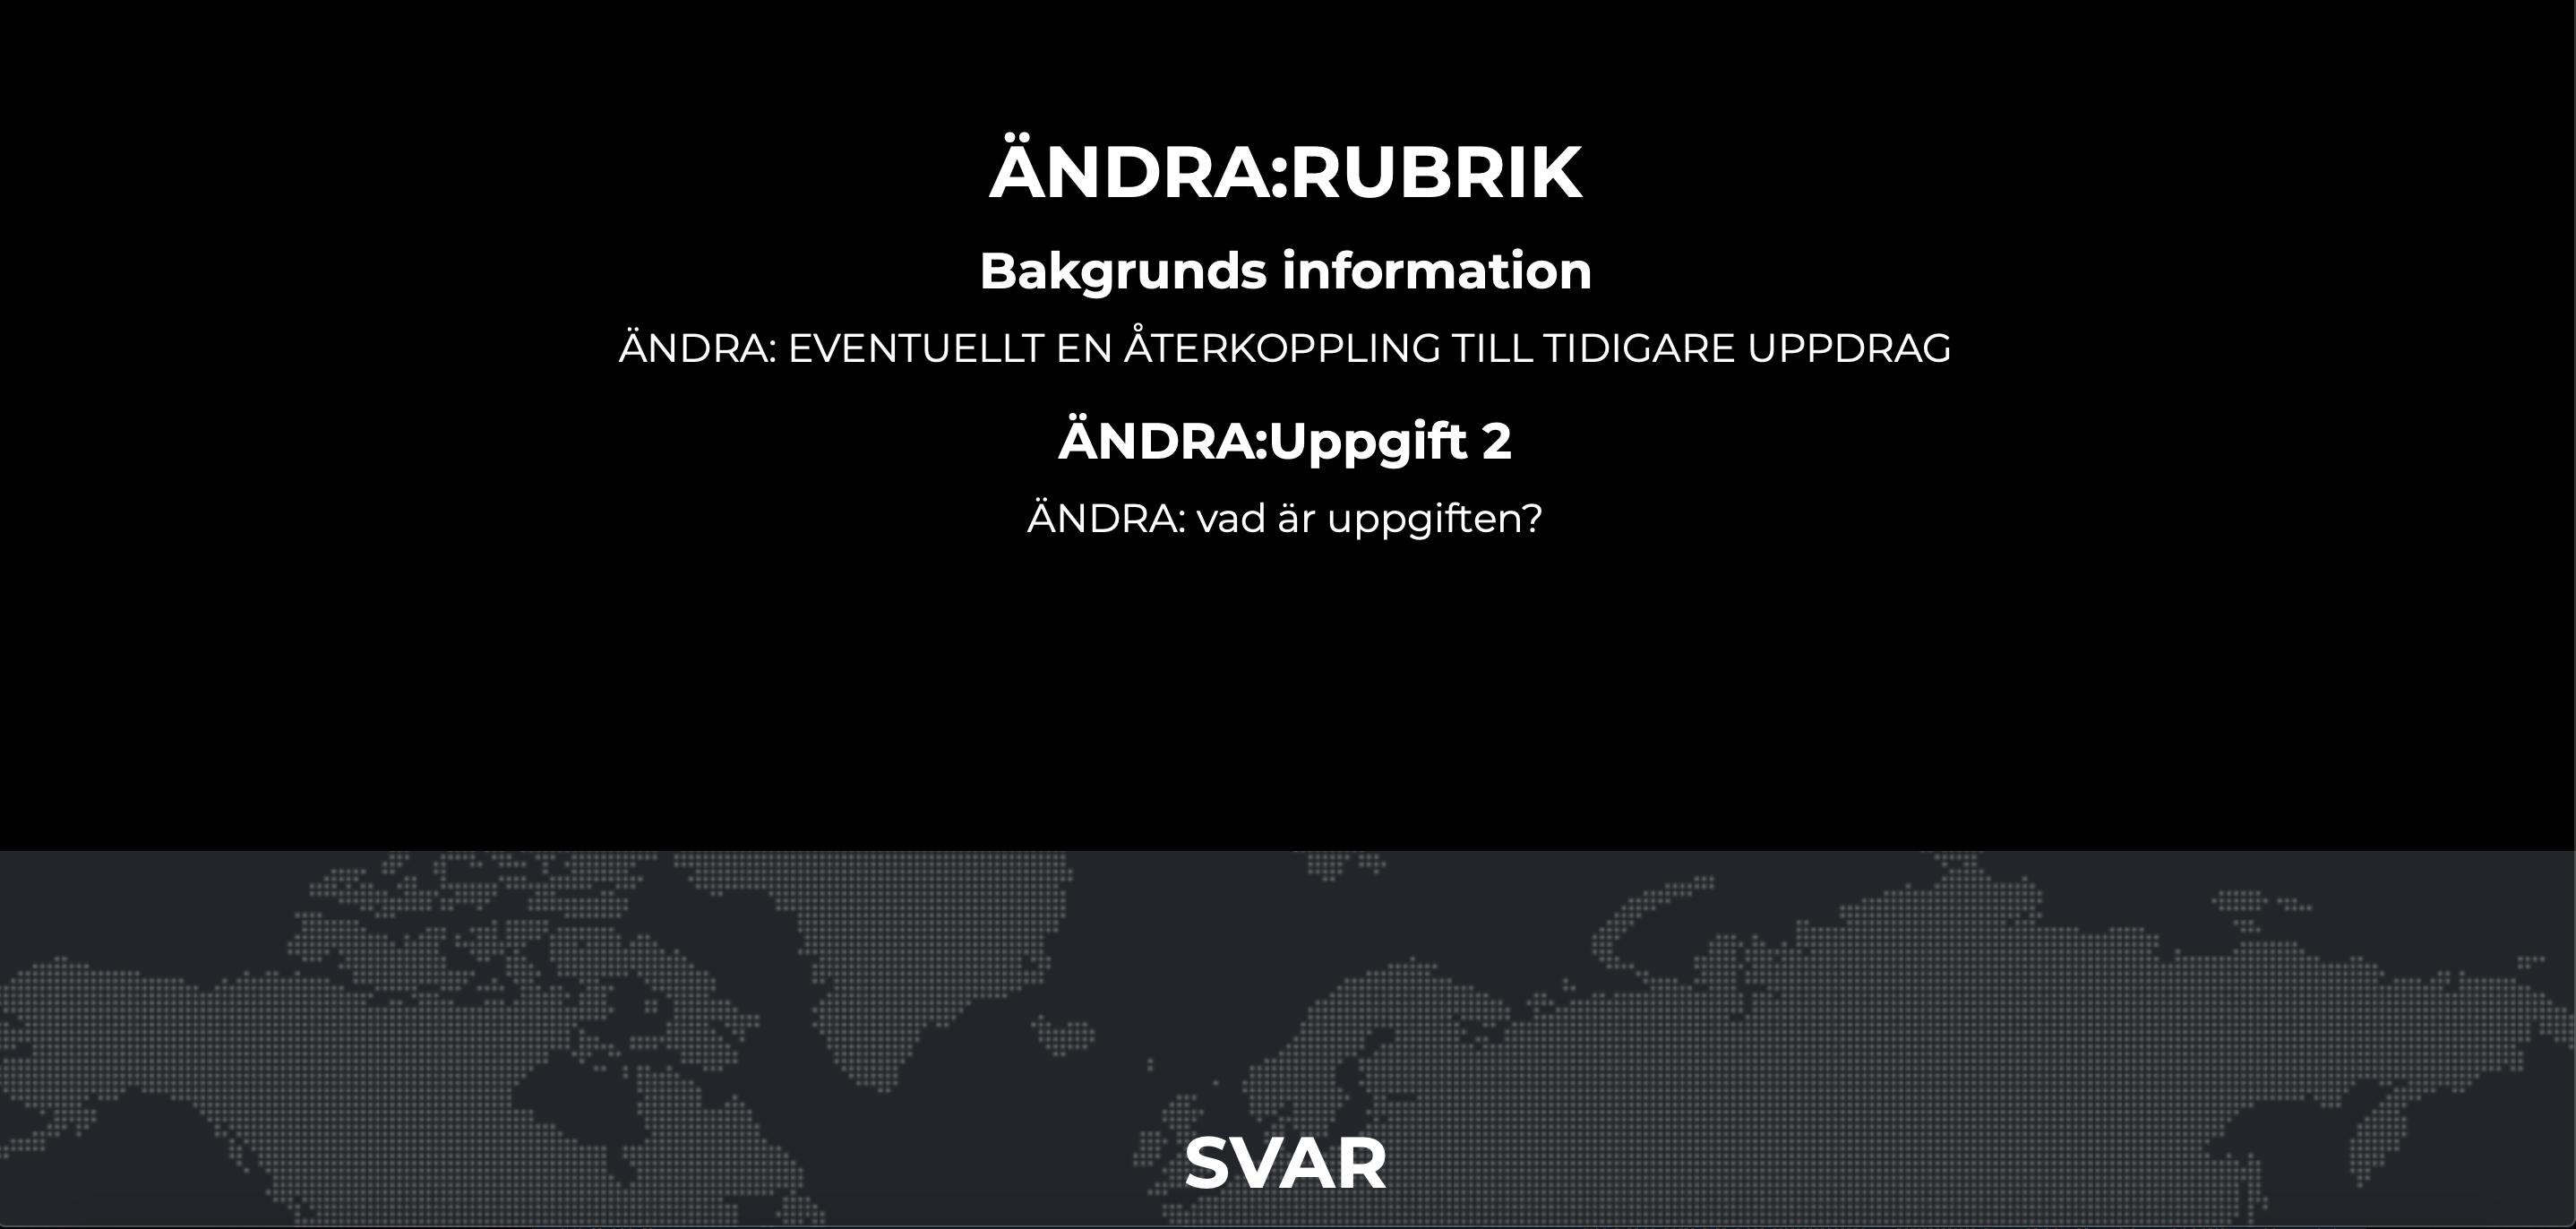 """Teknikjakten: """"ÄNDRA RUBRIK BAakgrundsinformation. Ändra: eventuellt en återkoppling till tidigare uppdrag"""